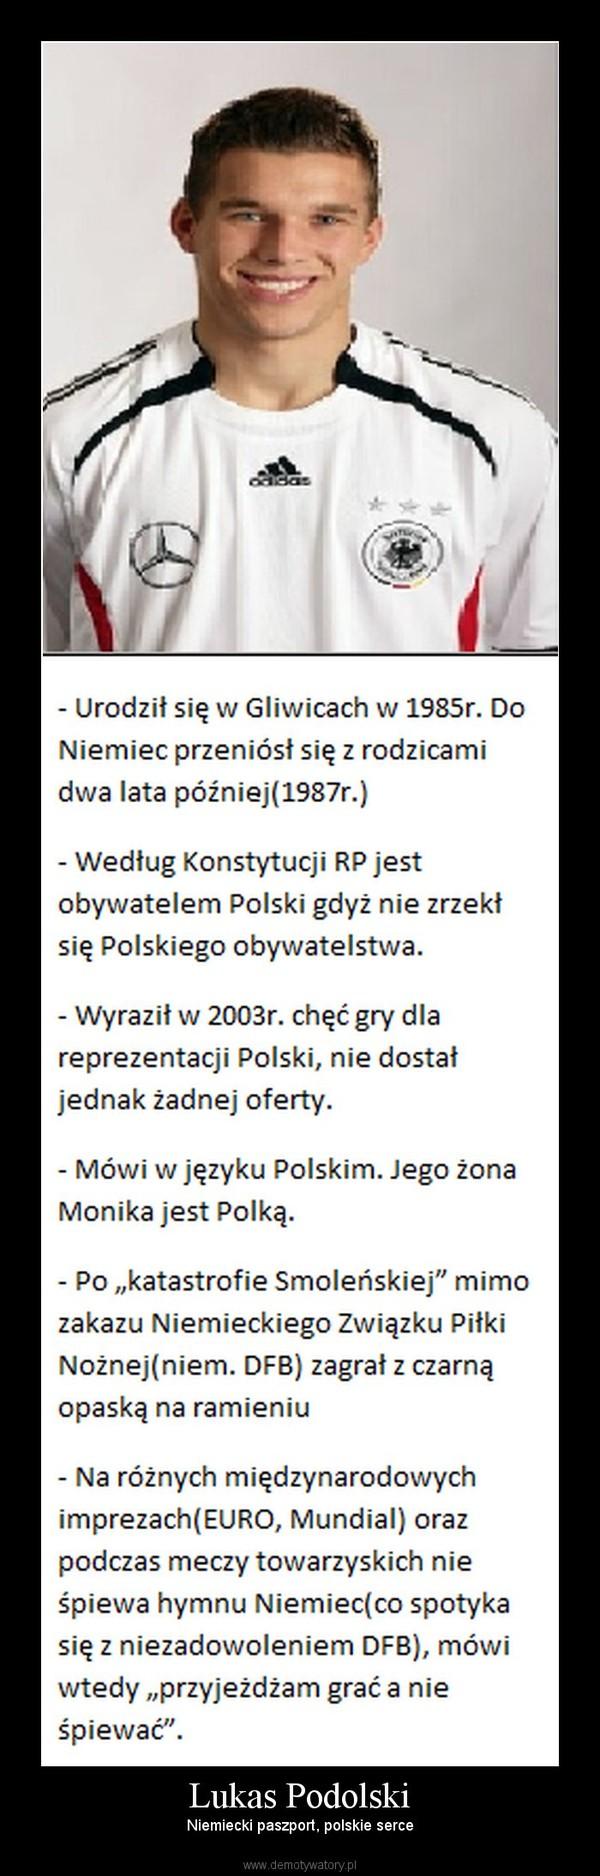 Lukas Podolski – Niemiecki paszport, polskie serce